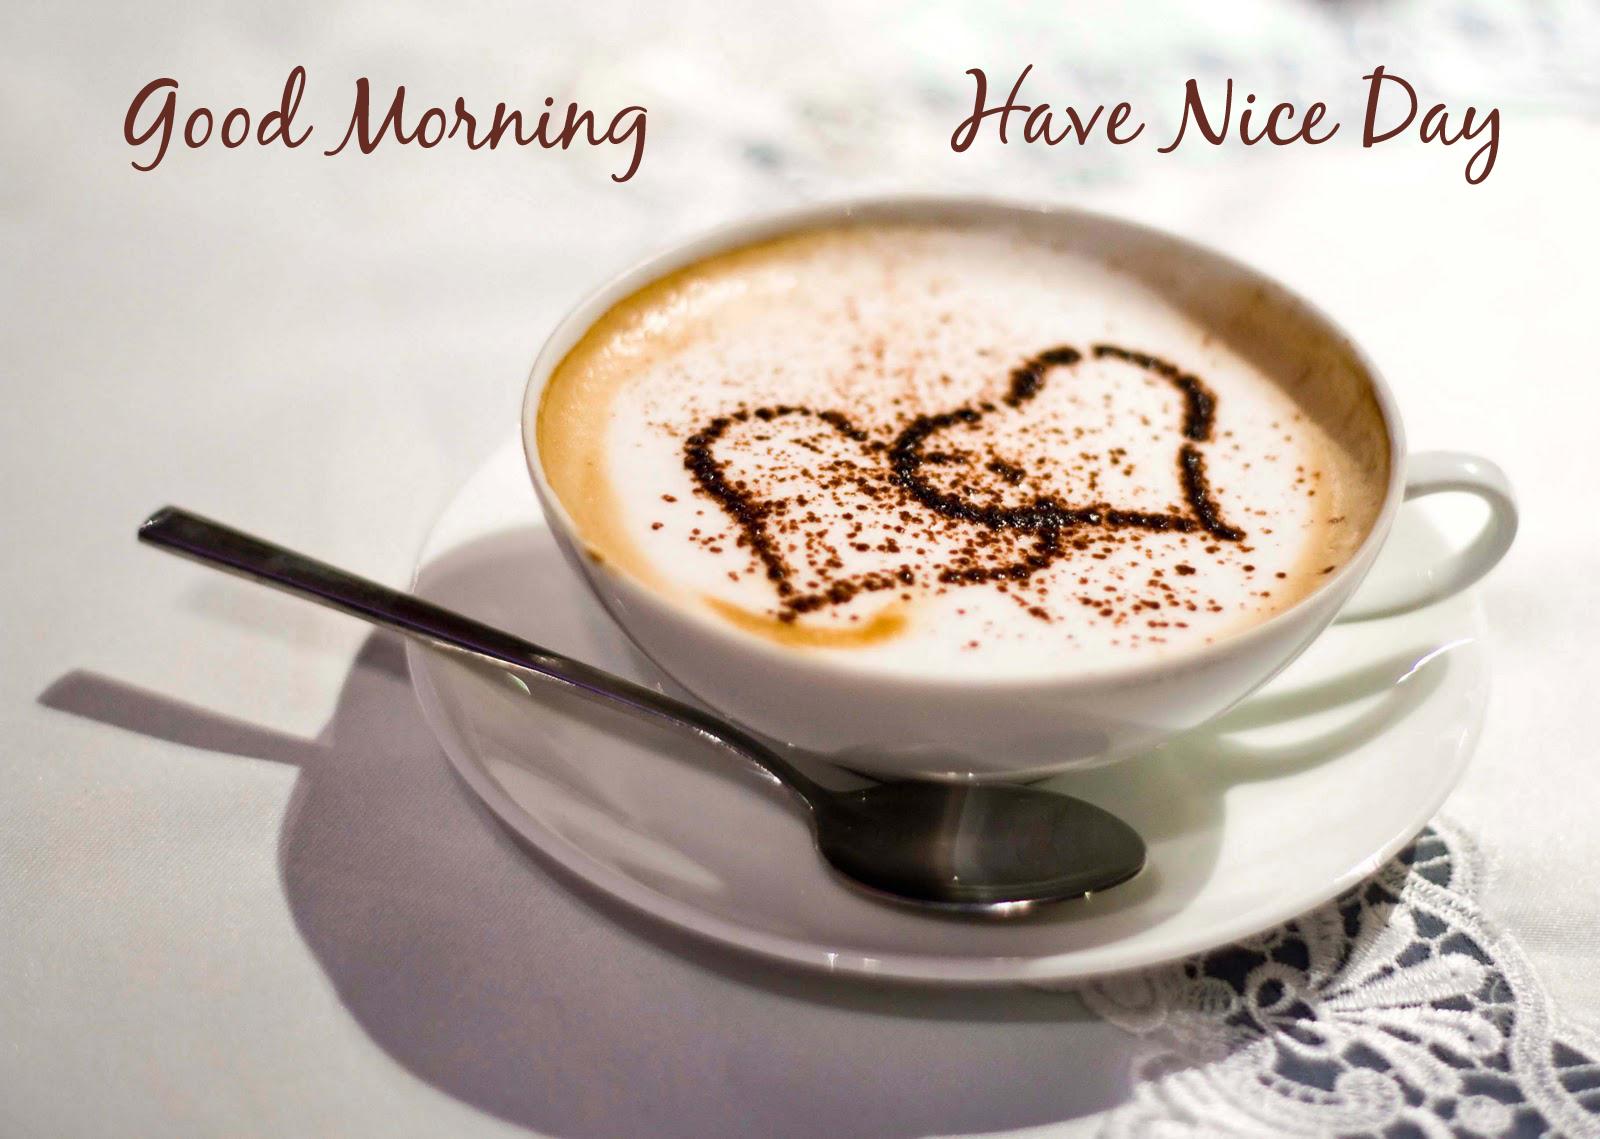 Top 99 hình ảnh chào buổi sáng dễ thương đáng yêu nhất. Good Morning ...